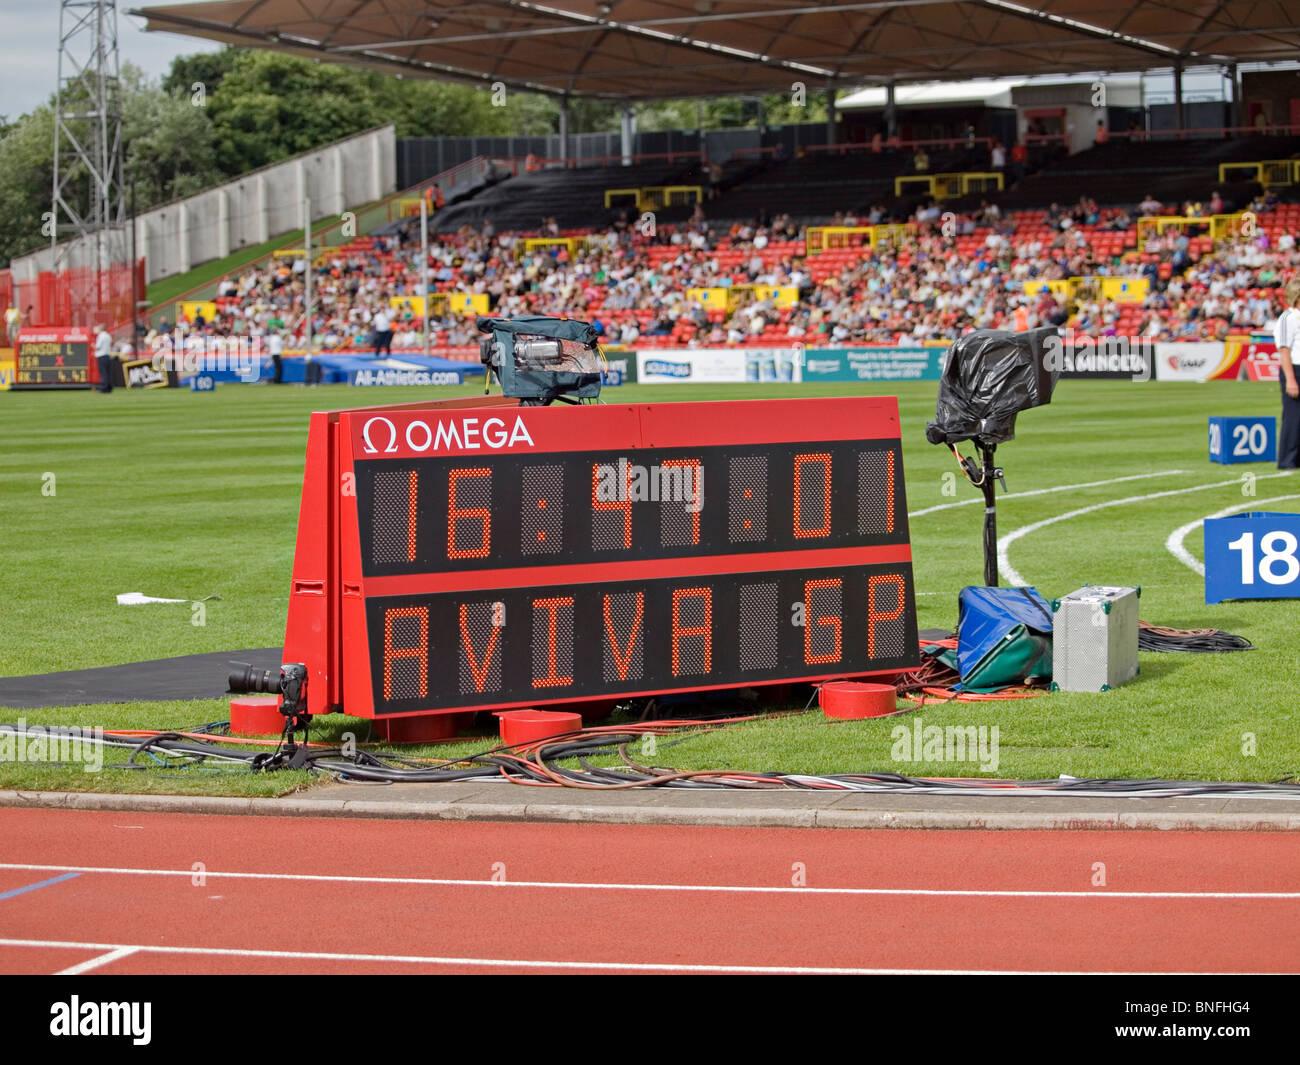 The scoreboard at the finish line at IAAF Diamond League in Gateshead 2010 - Stock Image